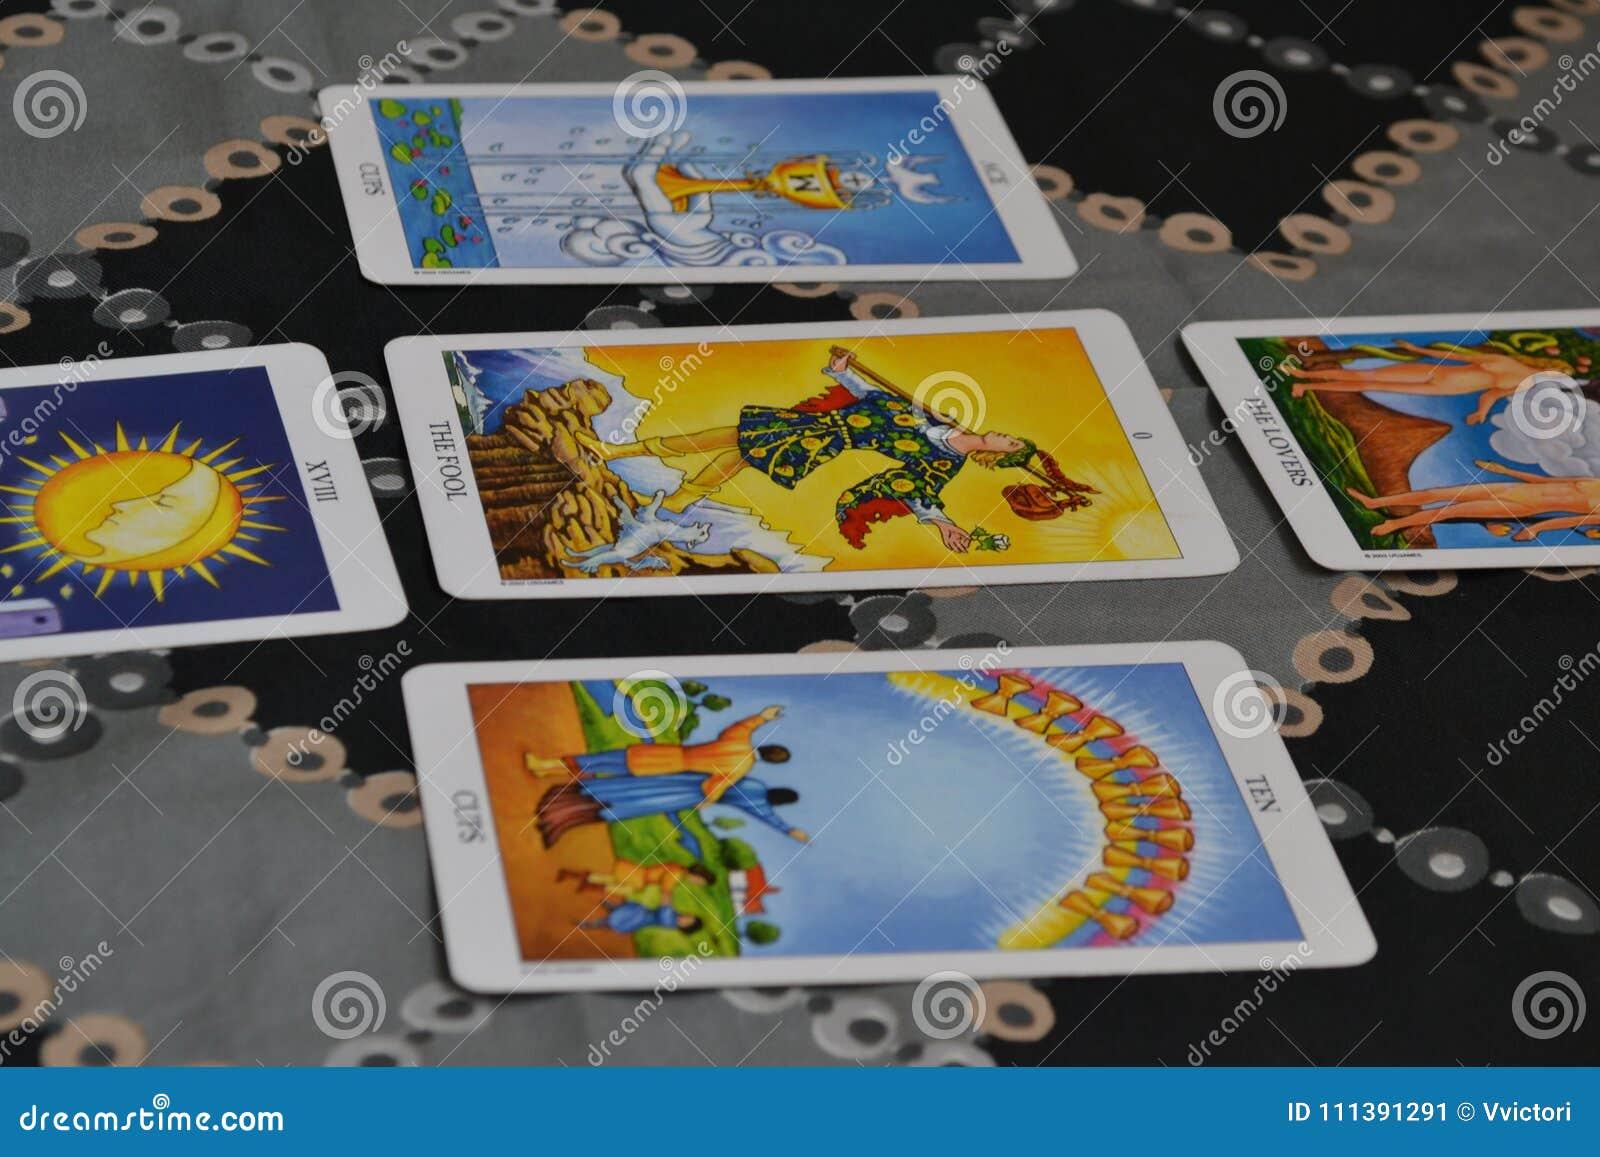 占卜用的纸牌五卡片塔罗牌传播